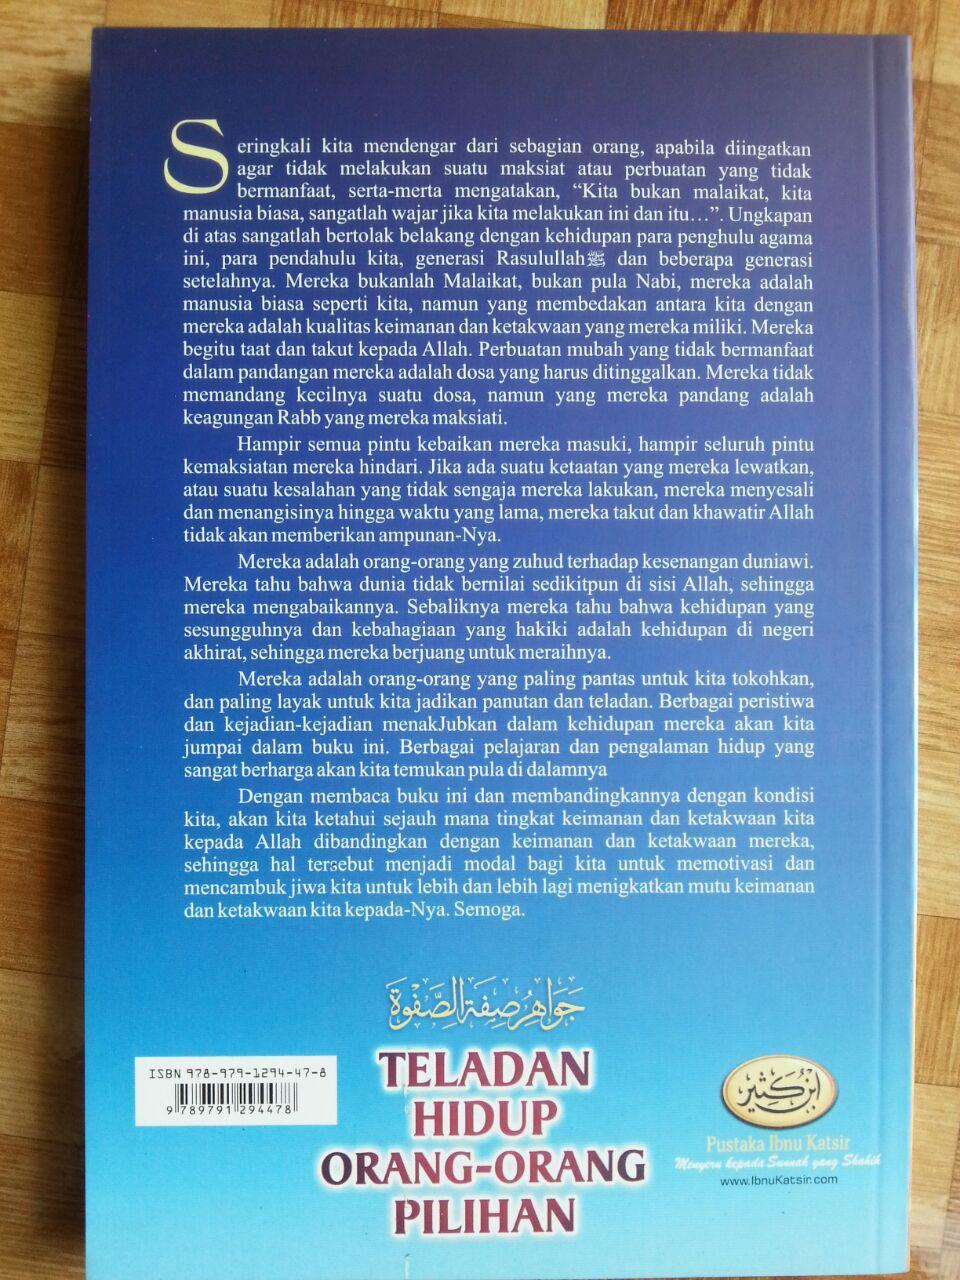 Buku Teladan Hidup Orang-Orang Pilihan cover